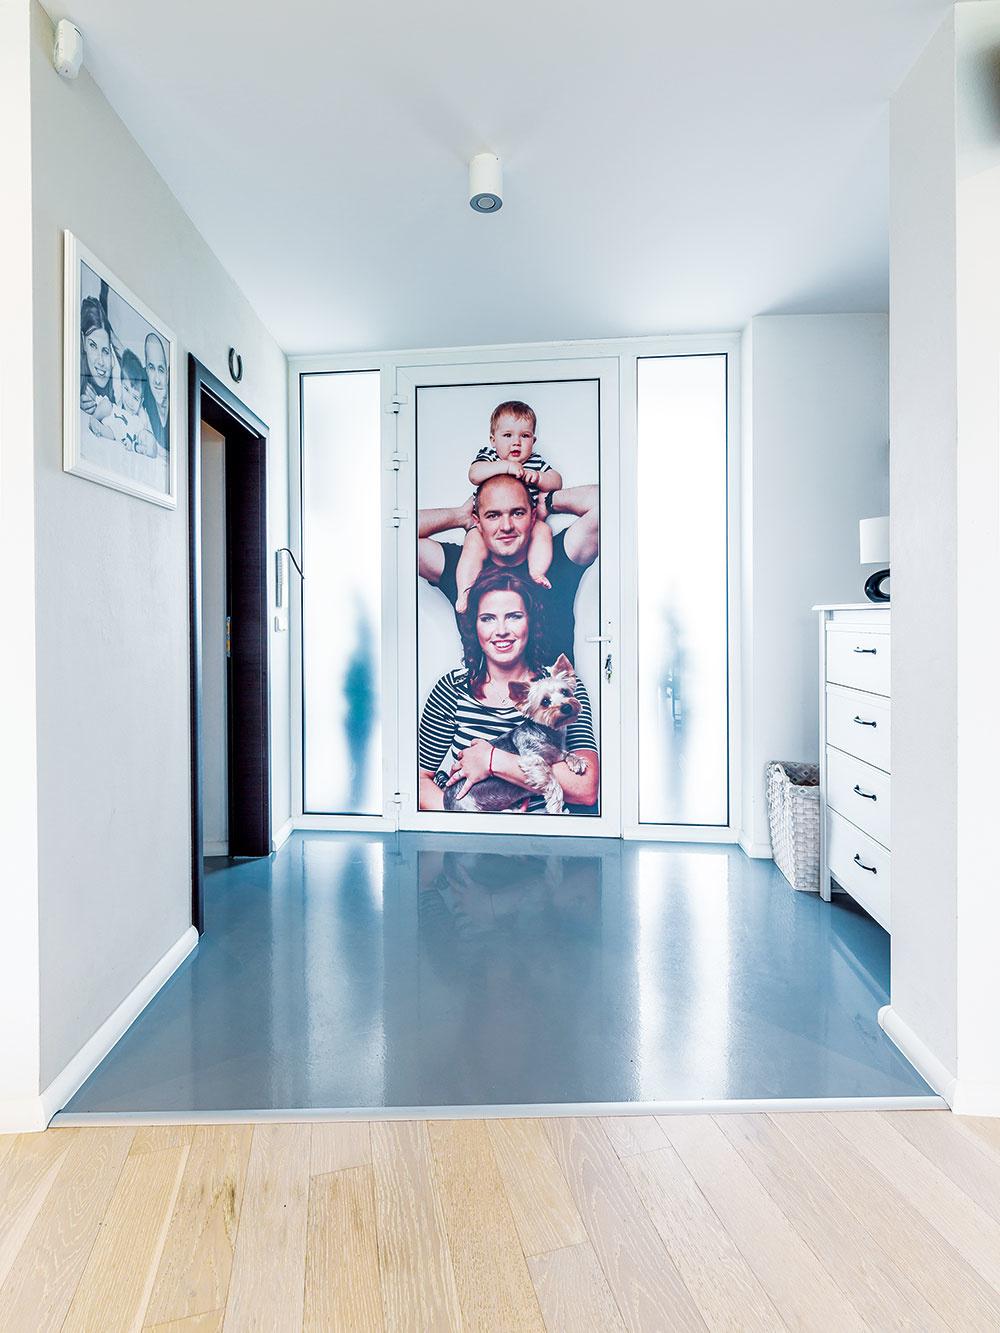 Liata podlaha účelne dotvára jednoduchý vstup, ktorý si majitelia oživili rodinnou fotografiou umiestnenou na vchodových dverách. Vľavo je prechod do hospodárskej časti domu agaráže.